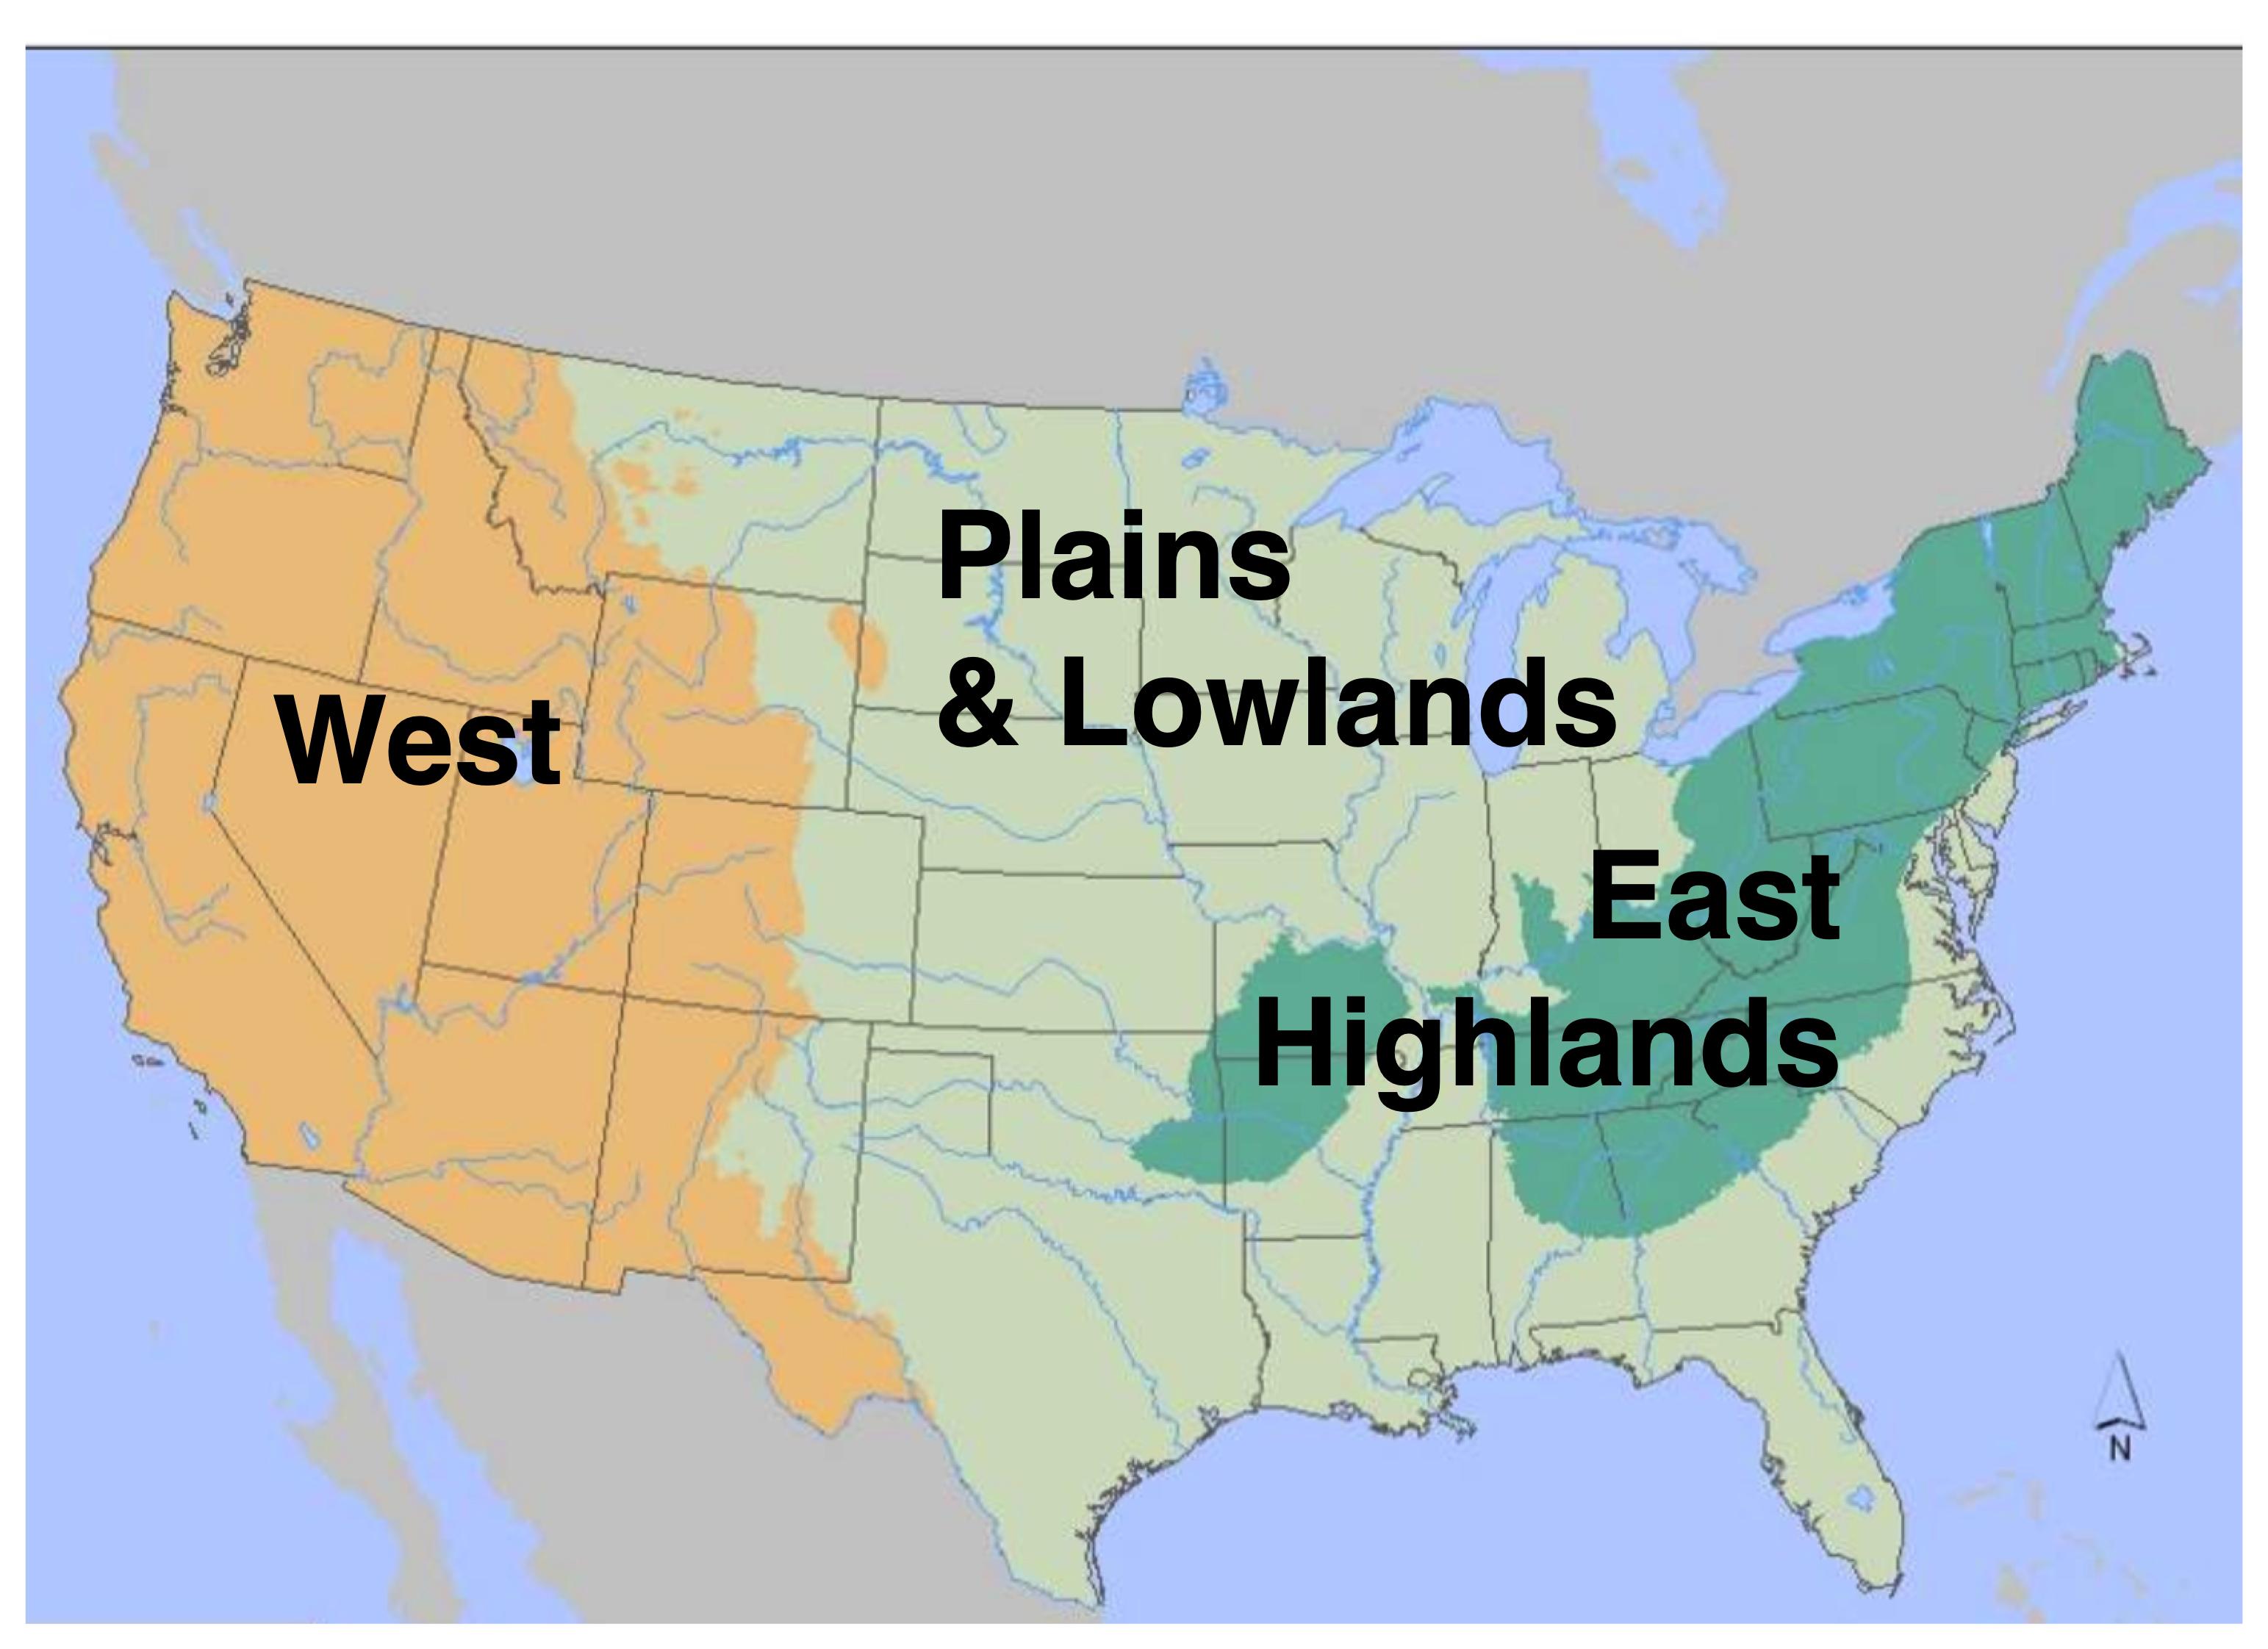 Three Regions